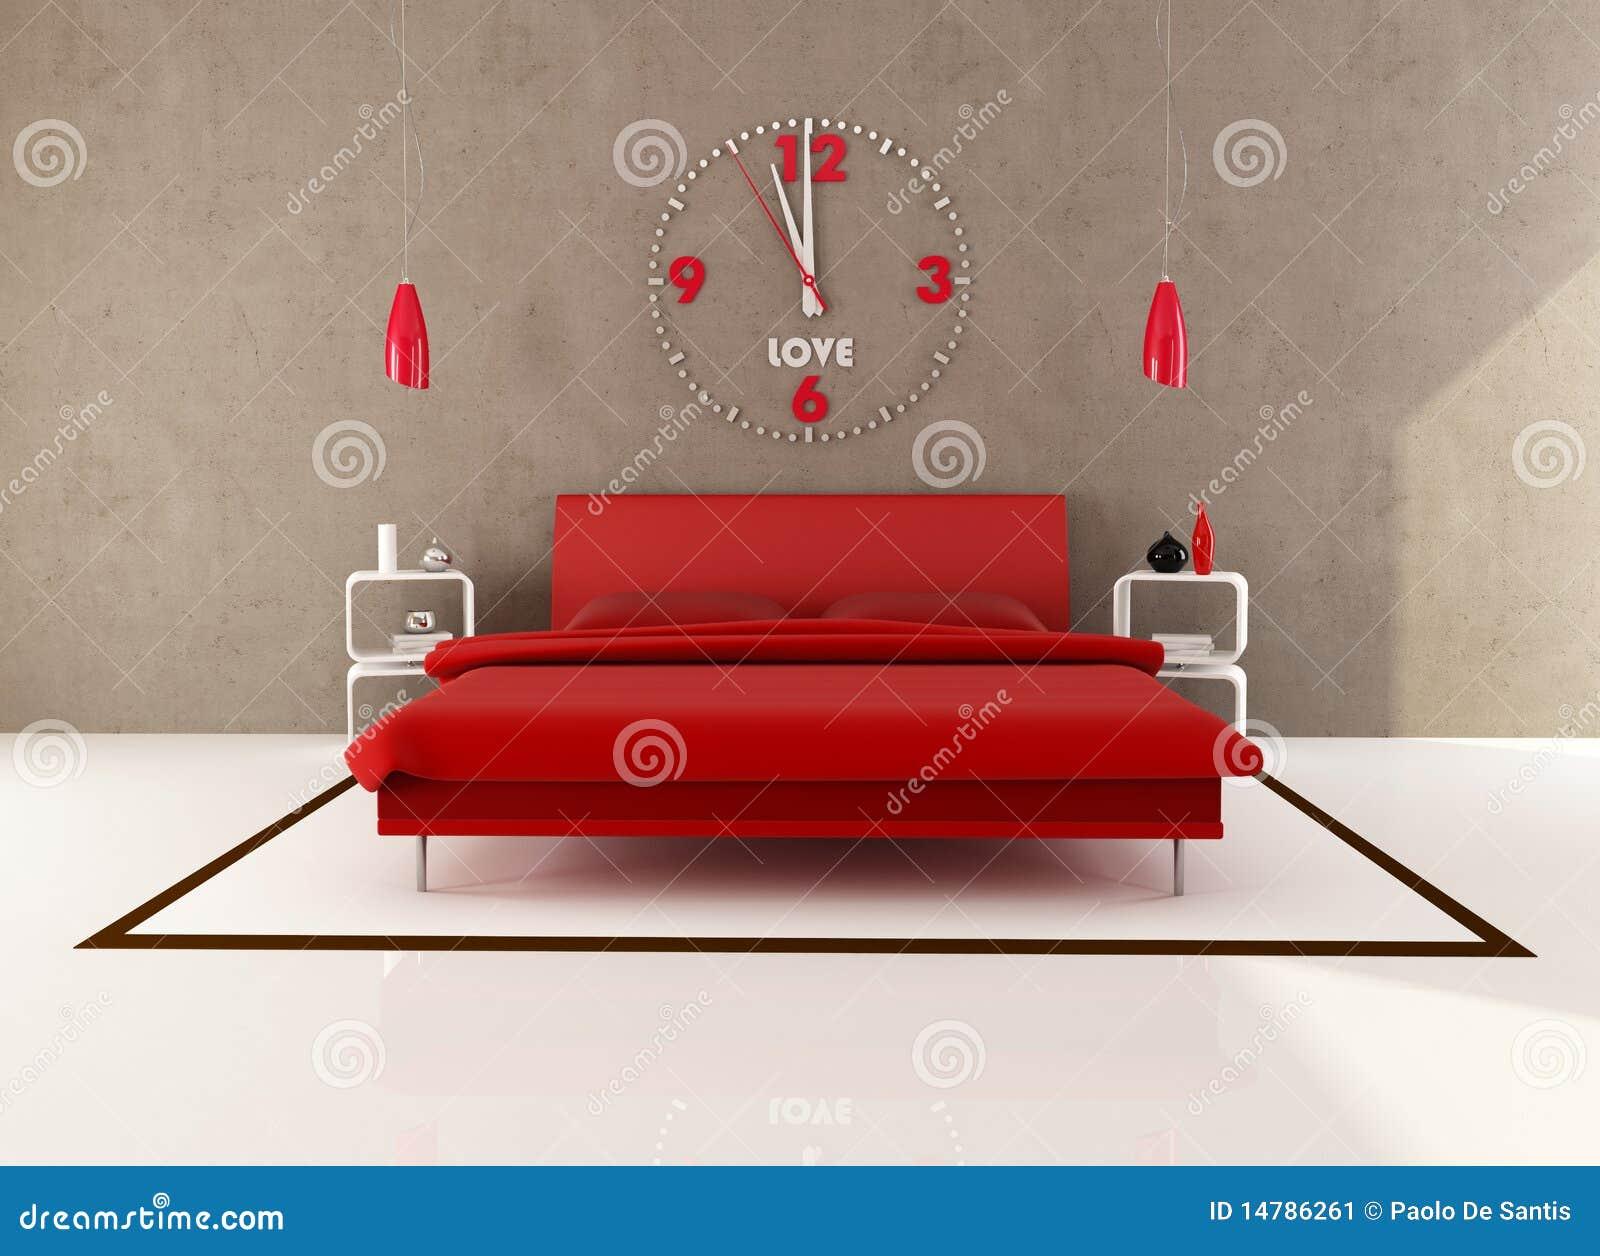 Parete Camera Da Letto Marrone : Camera da letto rossa e marrone immagine stock